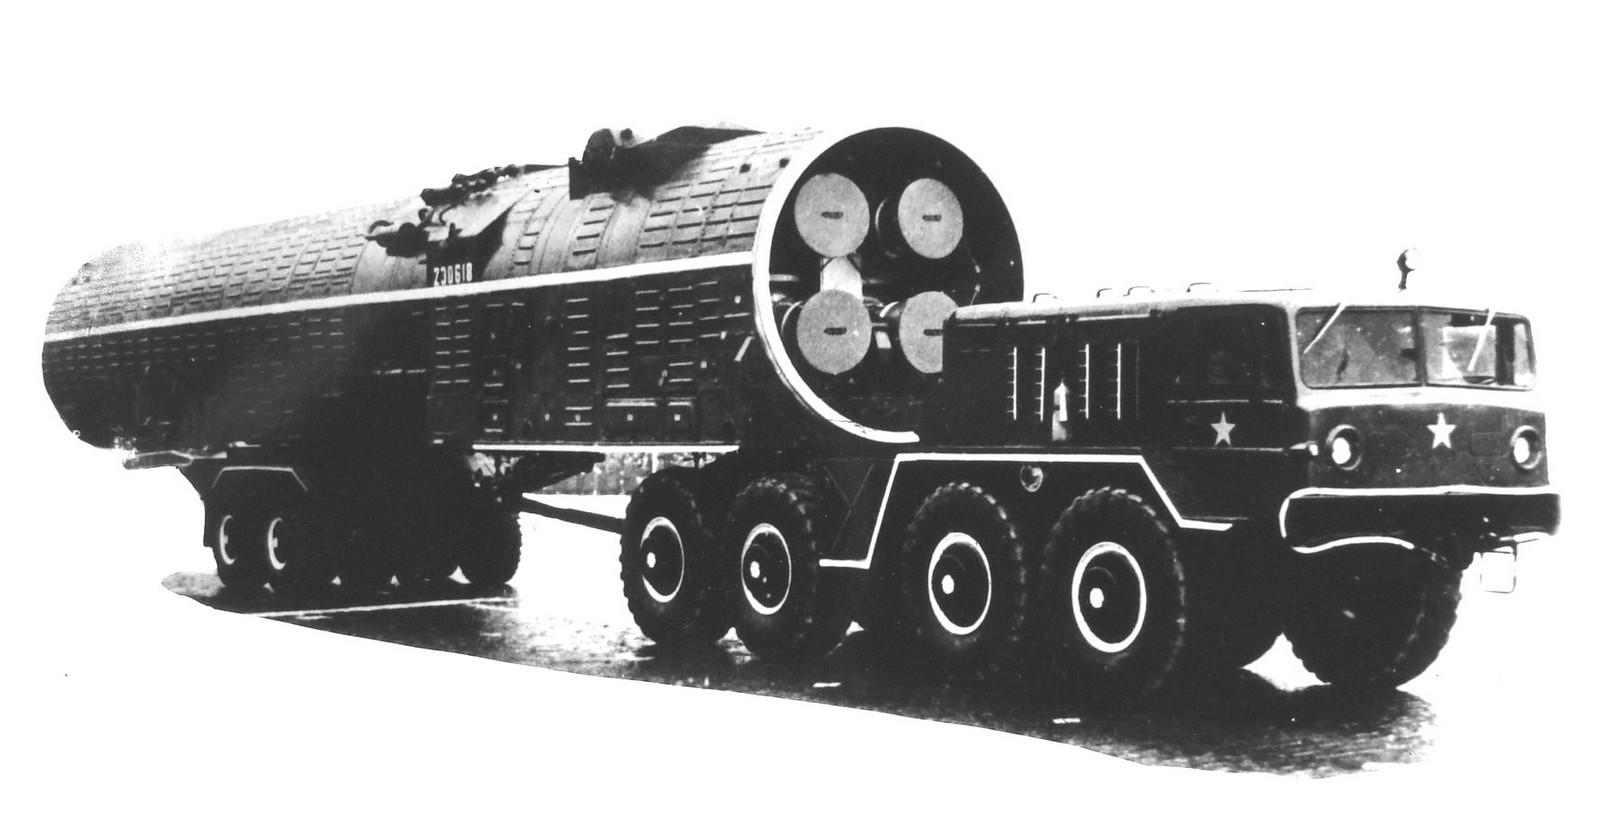 Тягач МАЗ-537В со смещенным назад седельным устройством. 1967 год (из архива НИИЦ АТ)